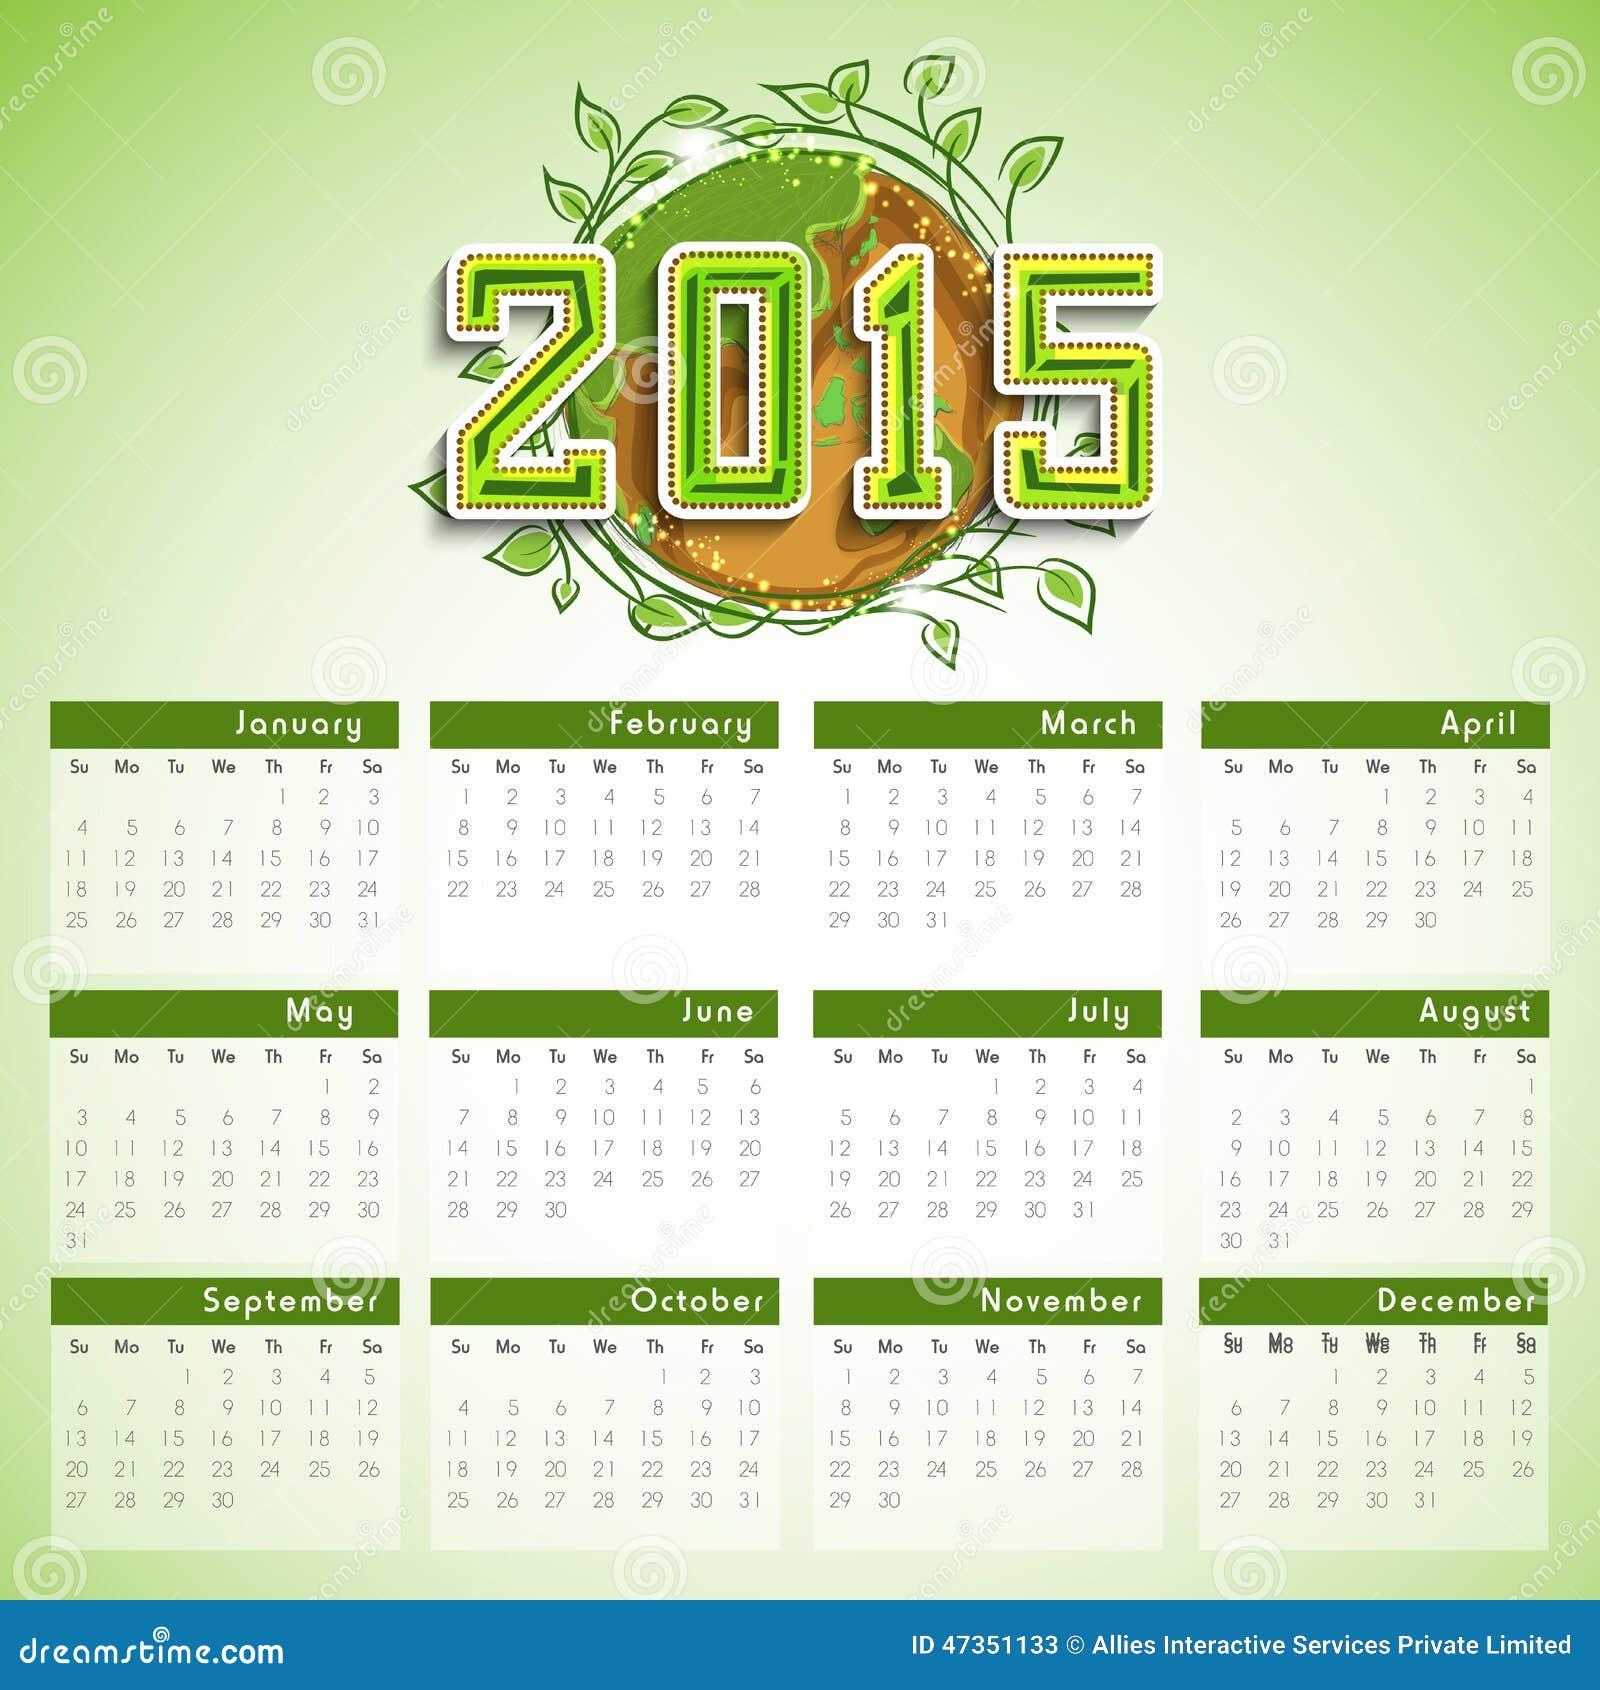 Year Calendar Design : Year calendar design stock illustration image